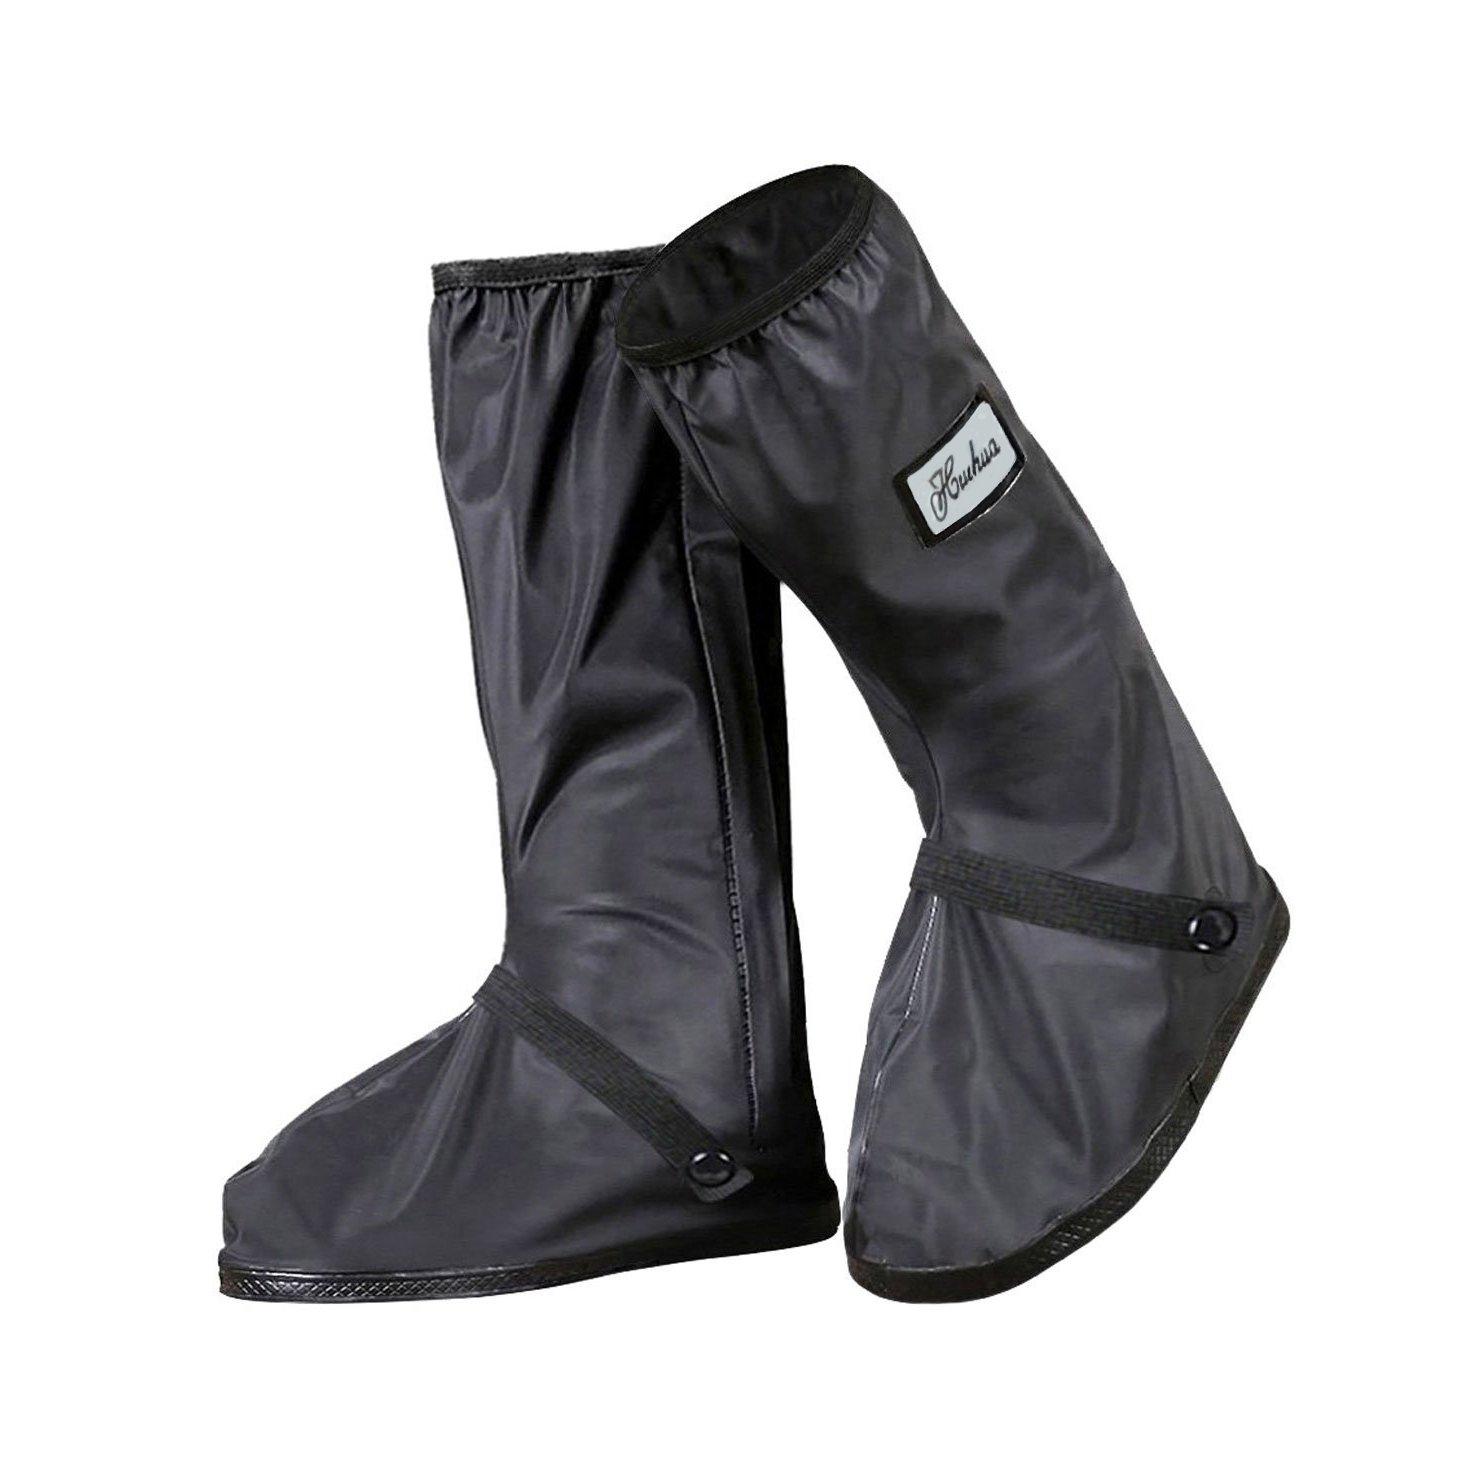 YMTECH Regenuuml;berschuhe Wasserdicht Schuhe 1 Paar, Outdoor Rutschfester Radsportschuhe Uuml;berschuhe  40 - 41 EU|Schwarz